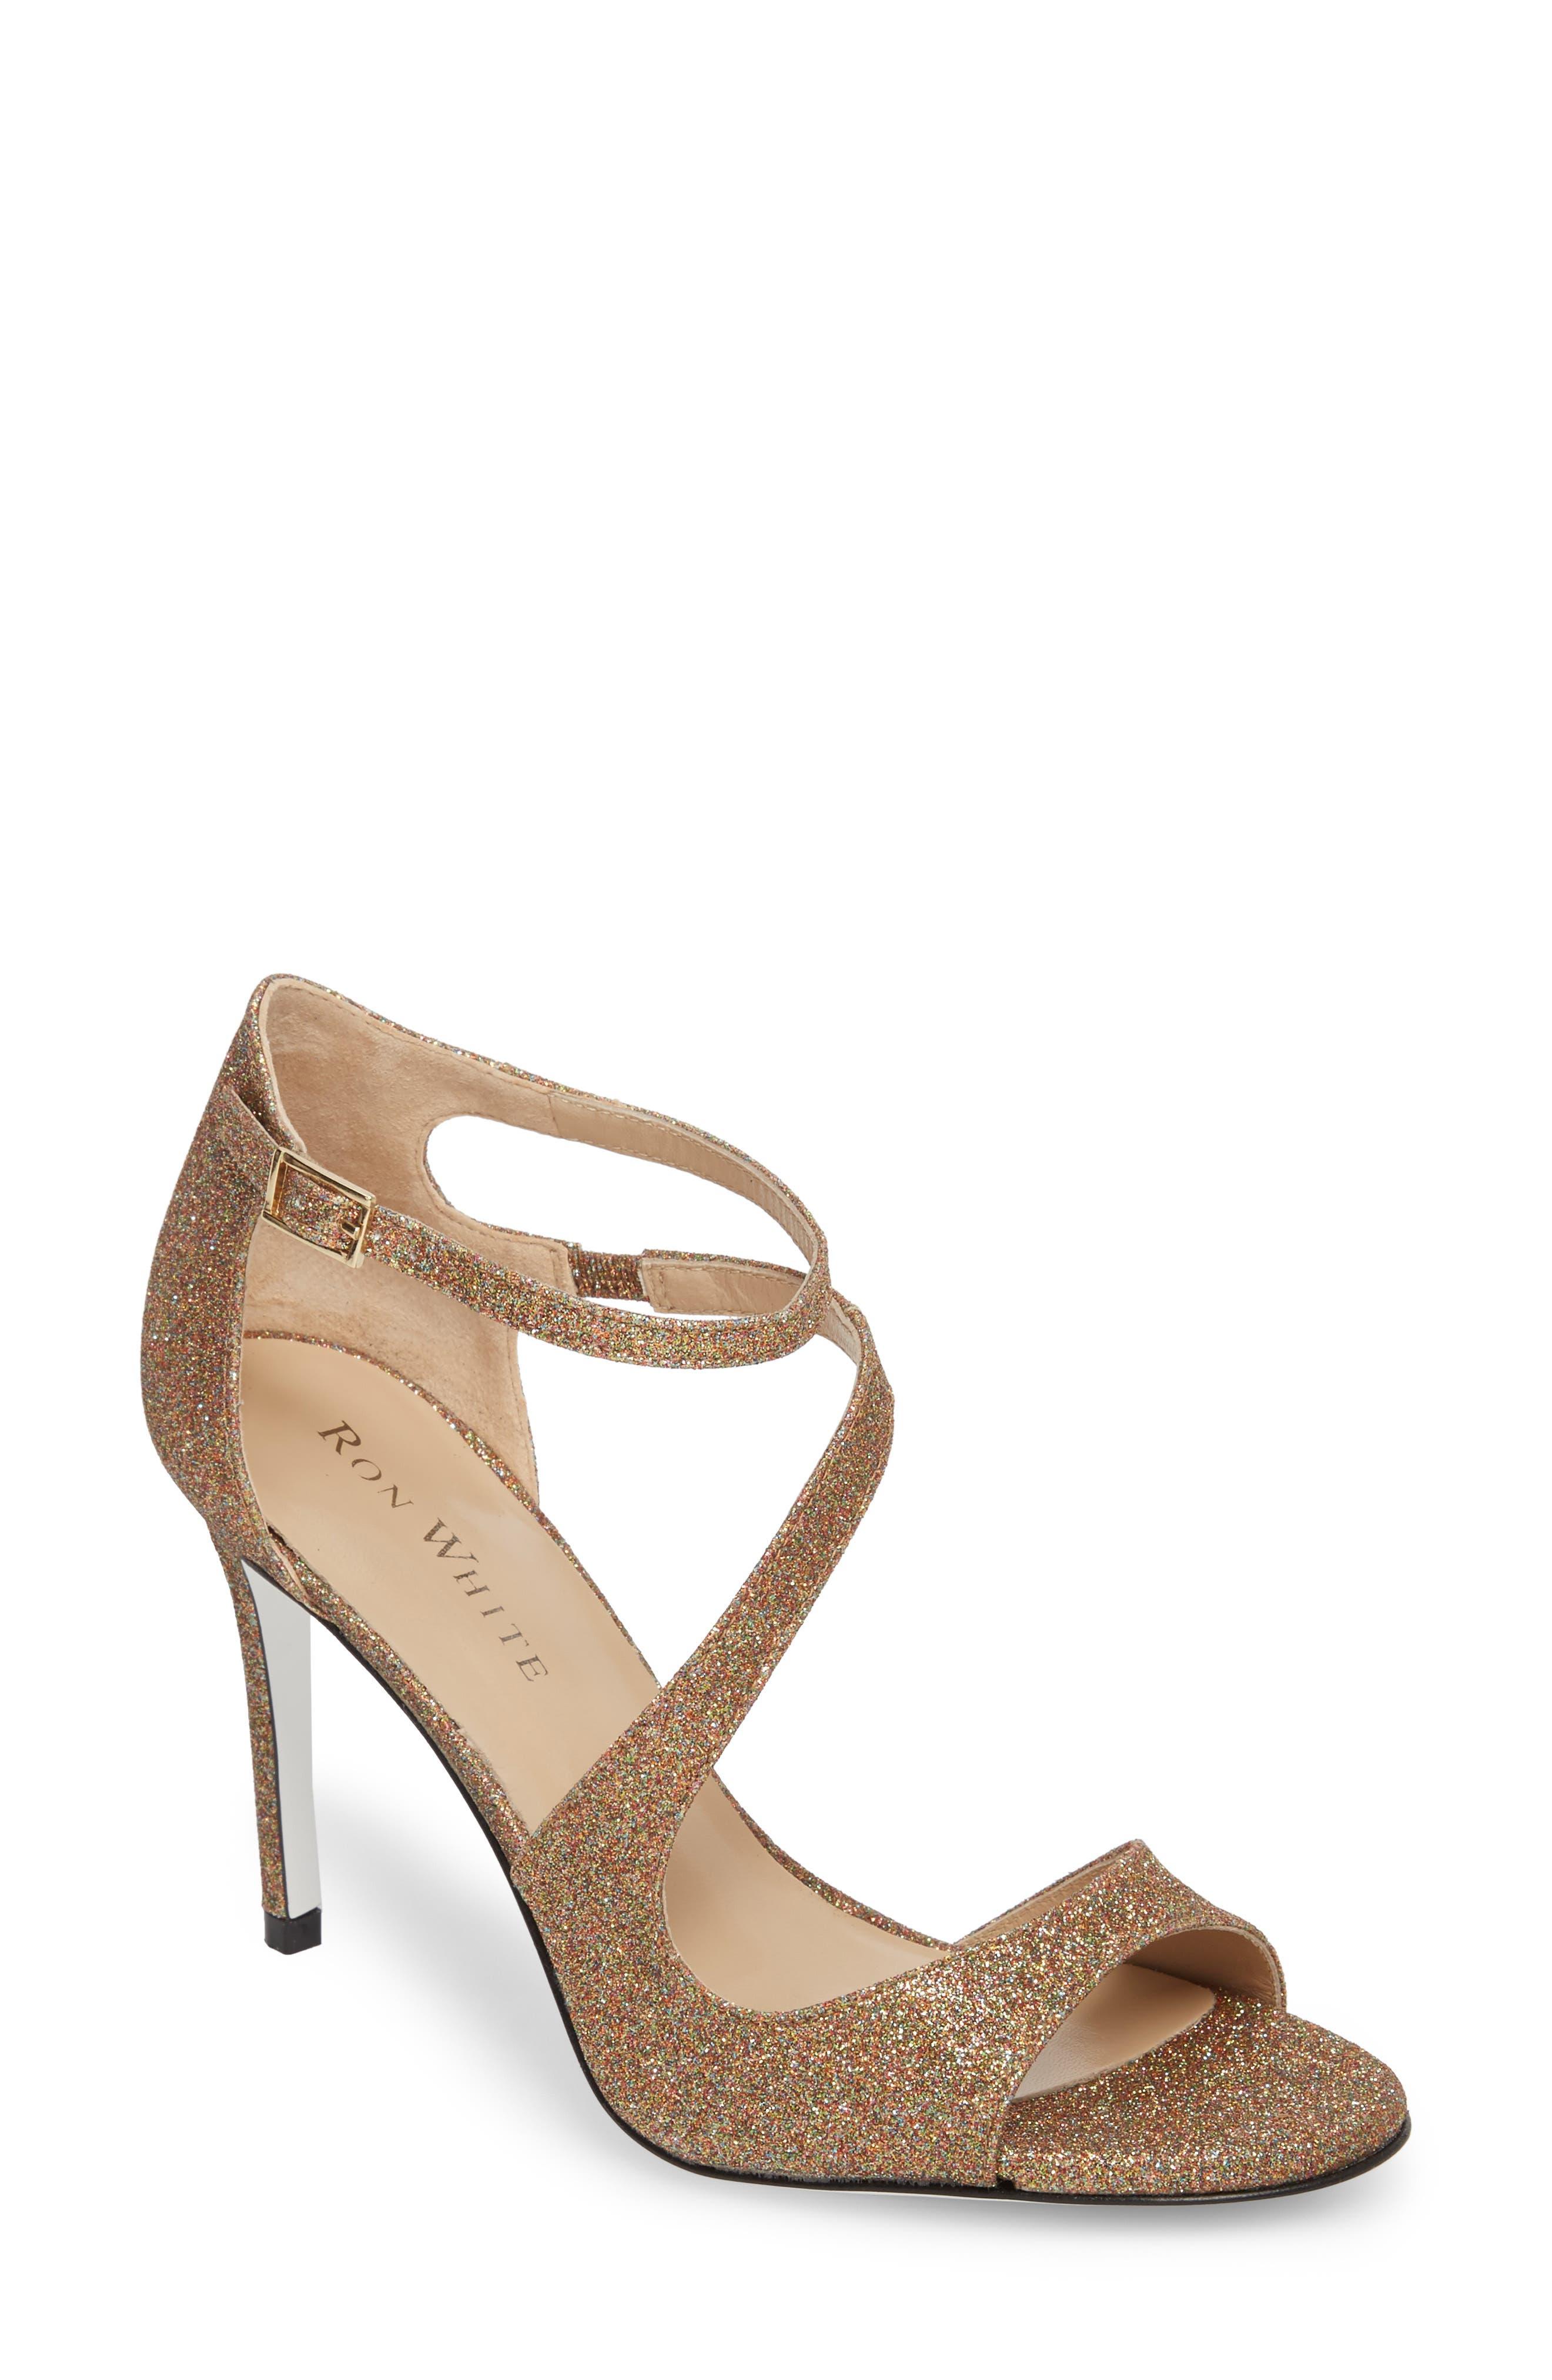 Alternate Image 1 Selected - Ron White Vallie Glitter Sandal (Women)